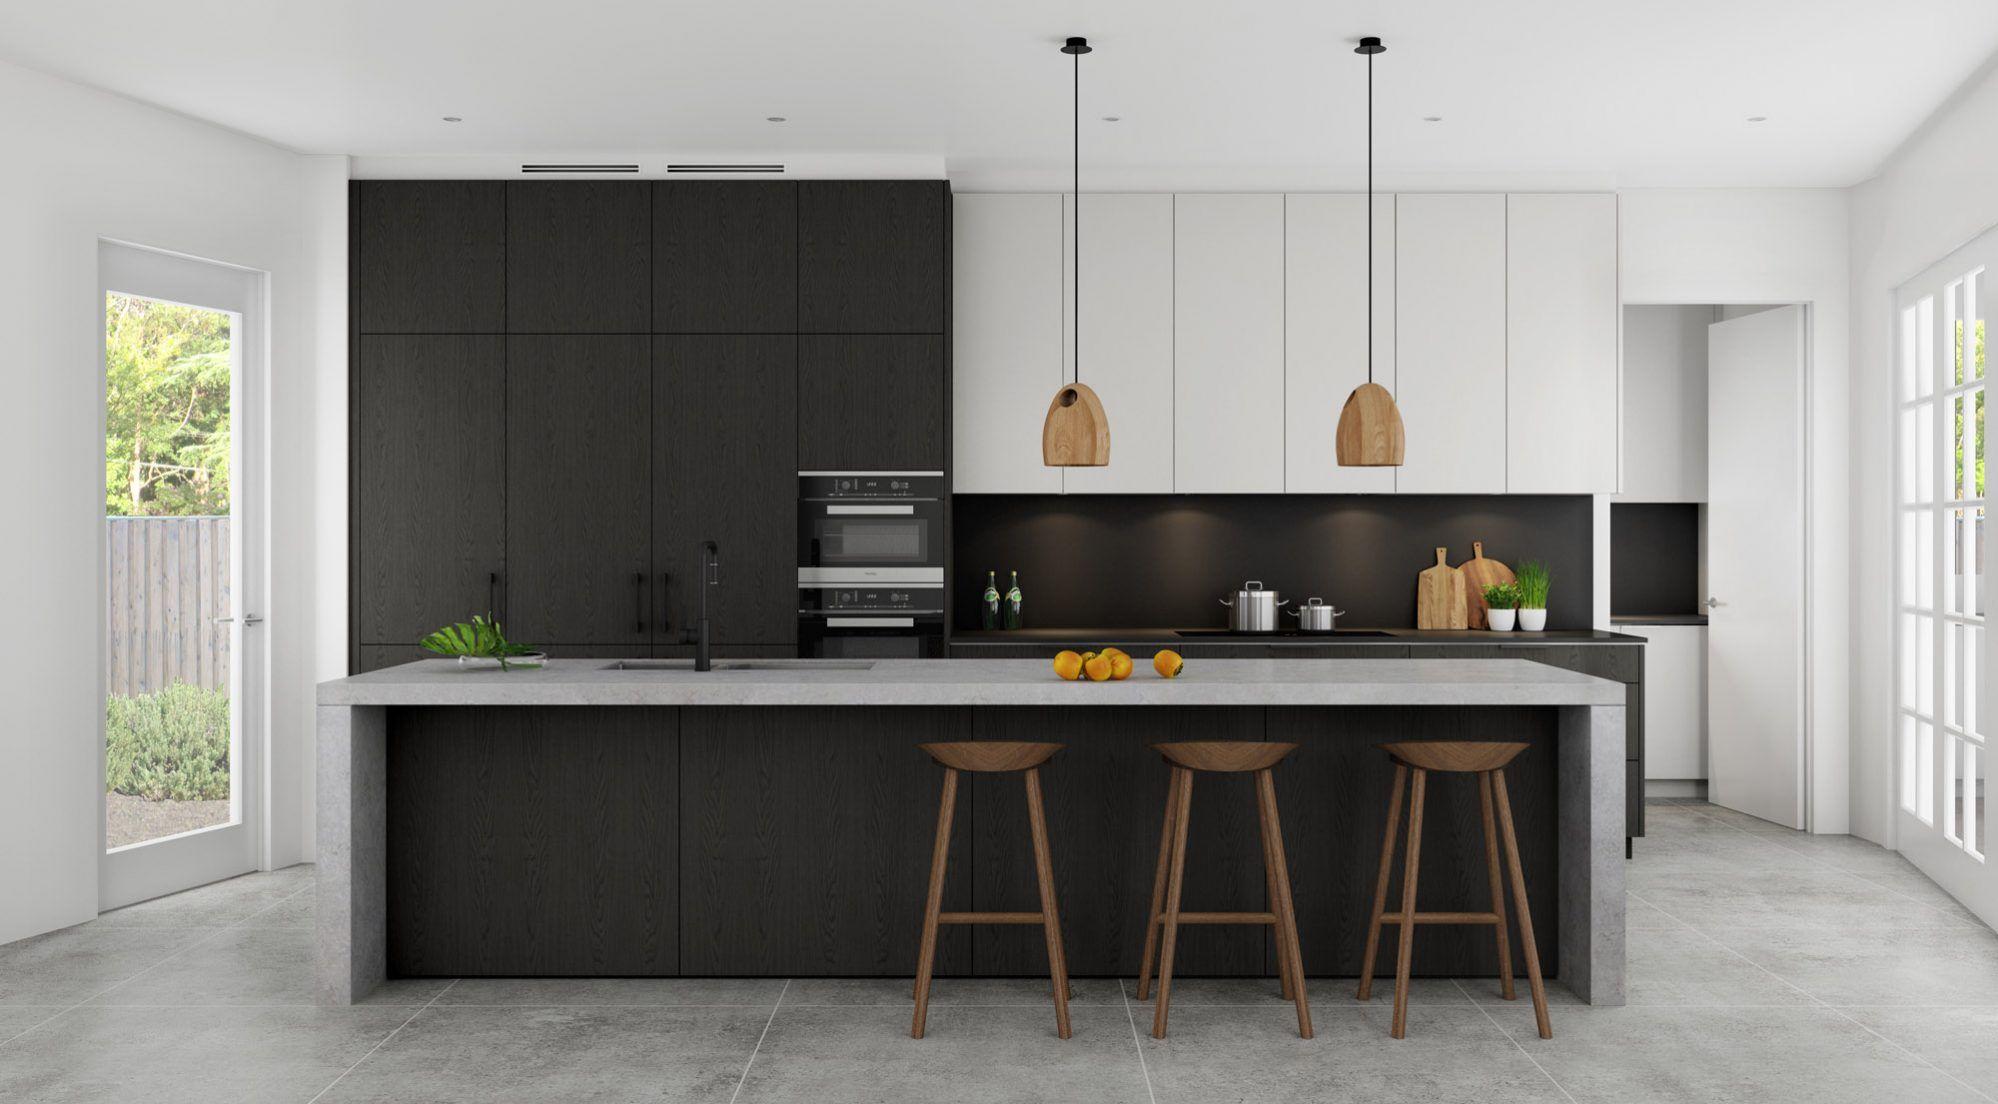 modern luxury kitchen designs luxury kitchen designs on awesome modern kitchen design ideas id=63299